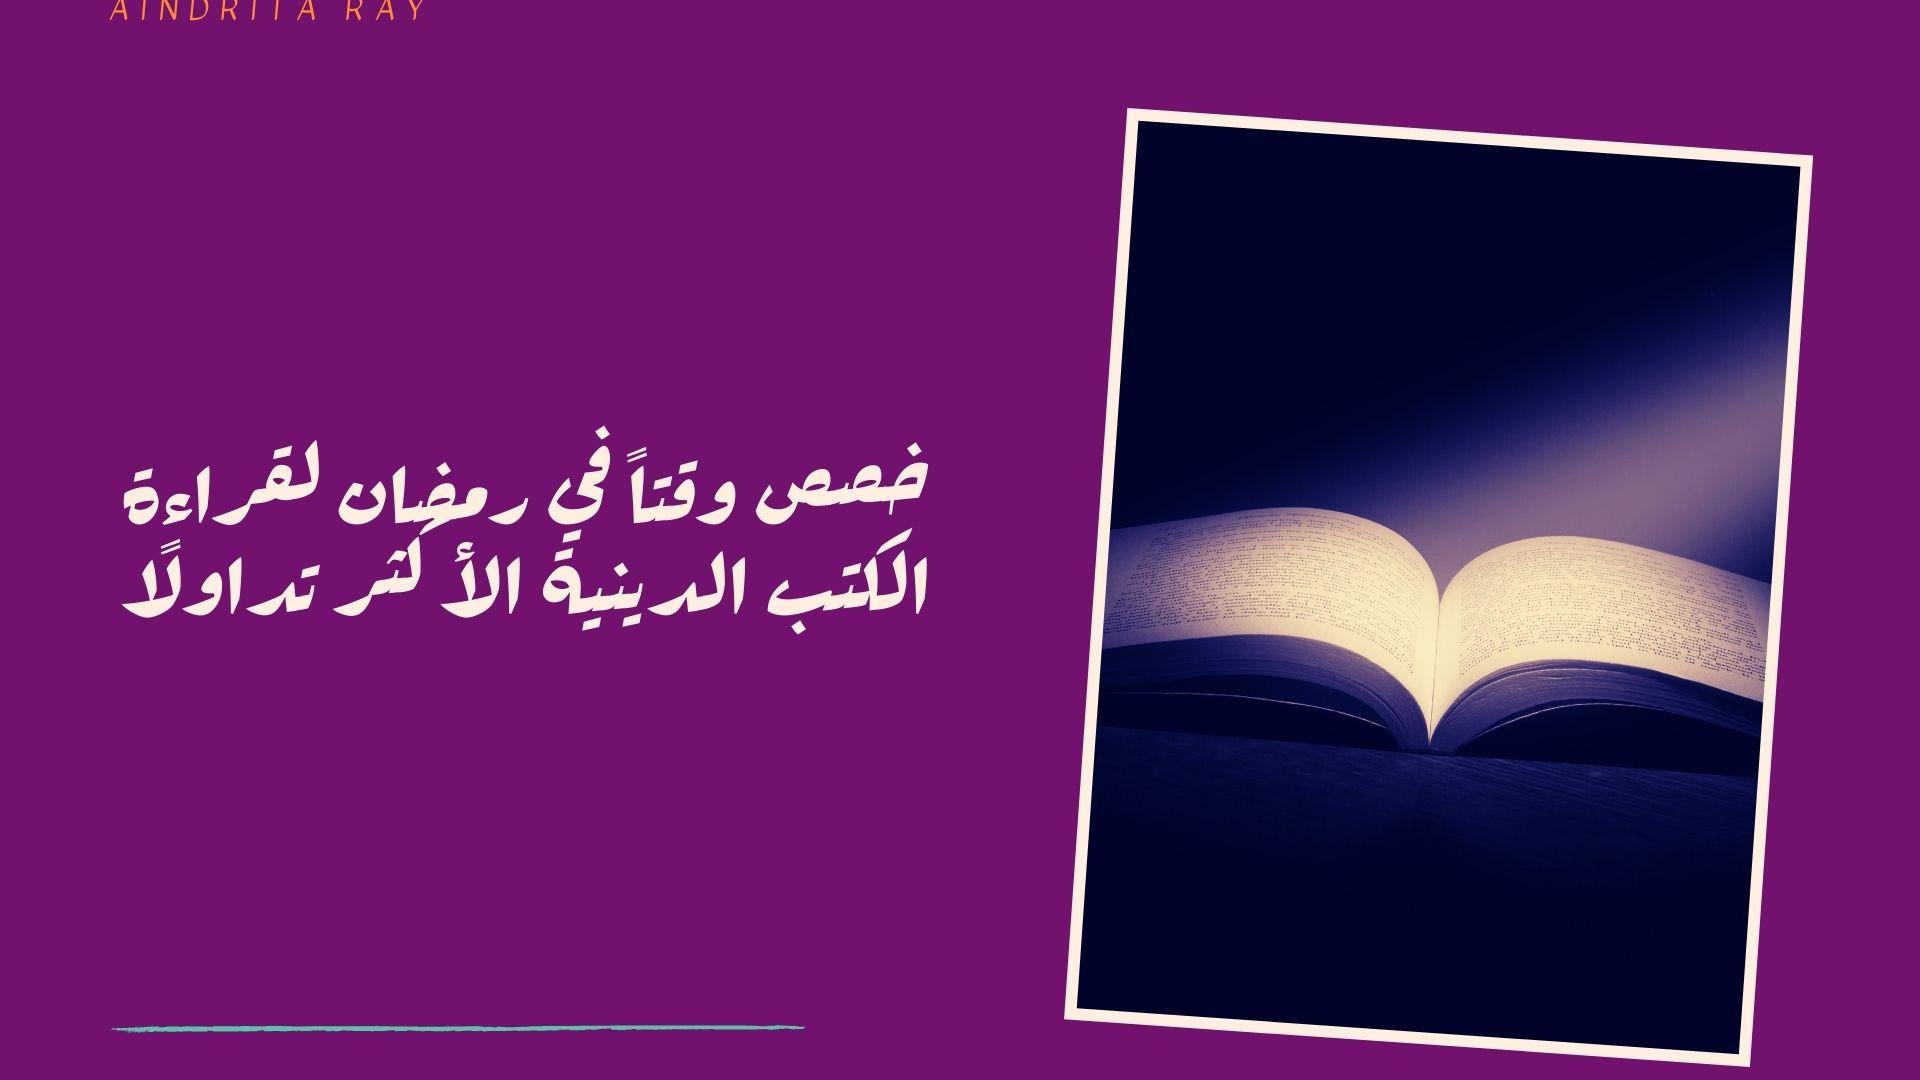 خصص وقتاً في رمضان لقراءة الكتب الدينية الأكثر تداولًا